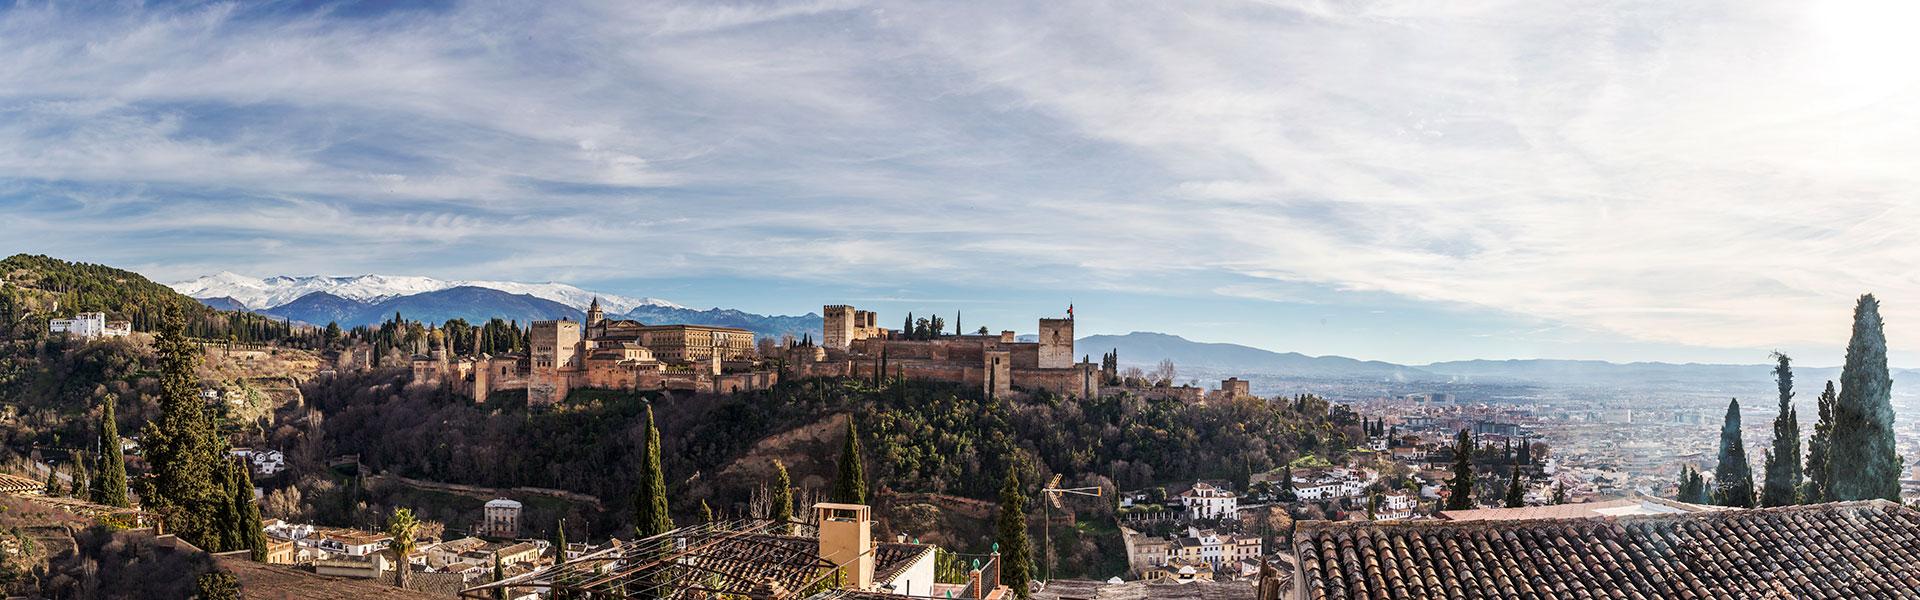 Venta de Obra - Alhambra